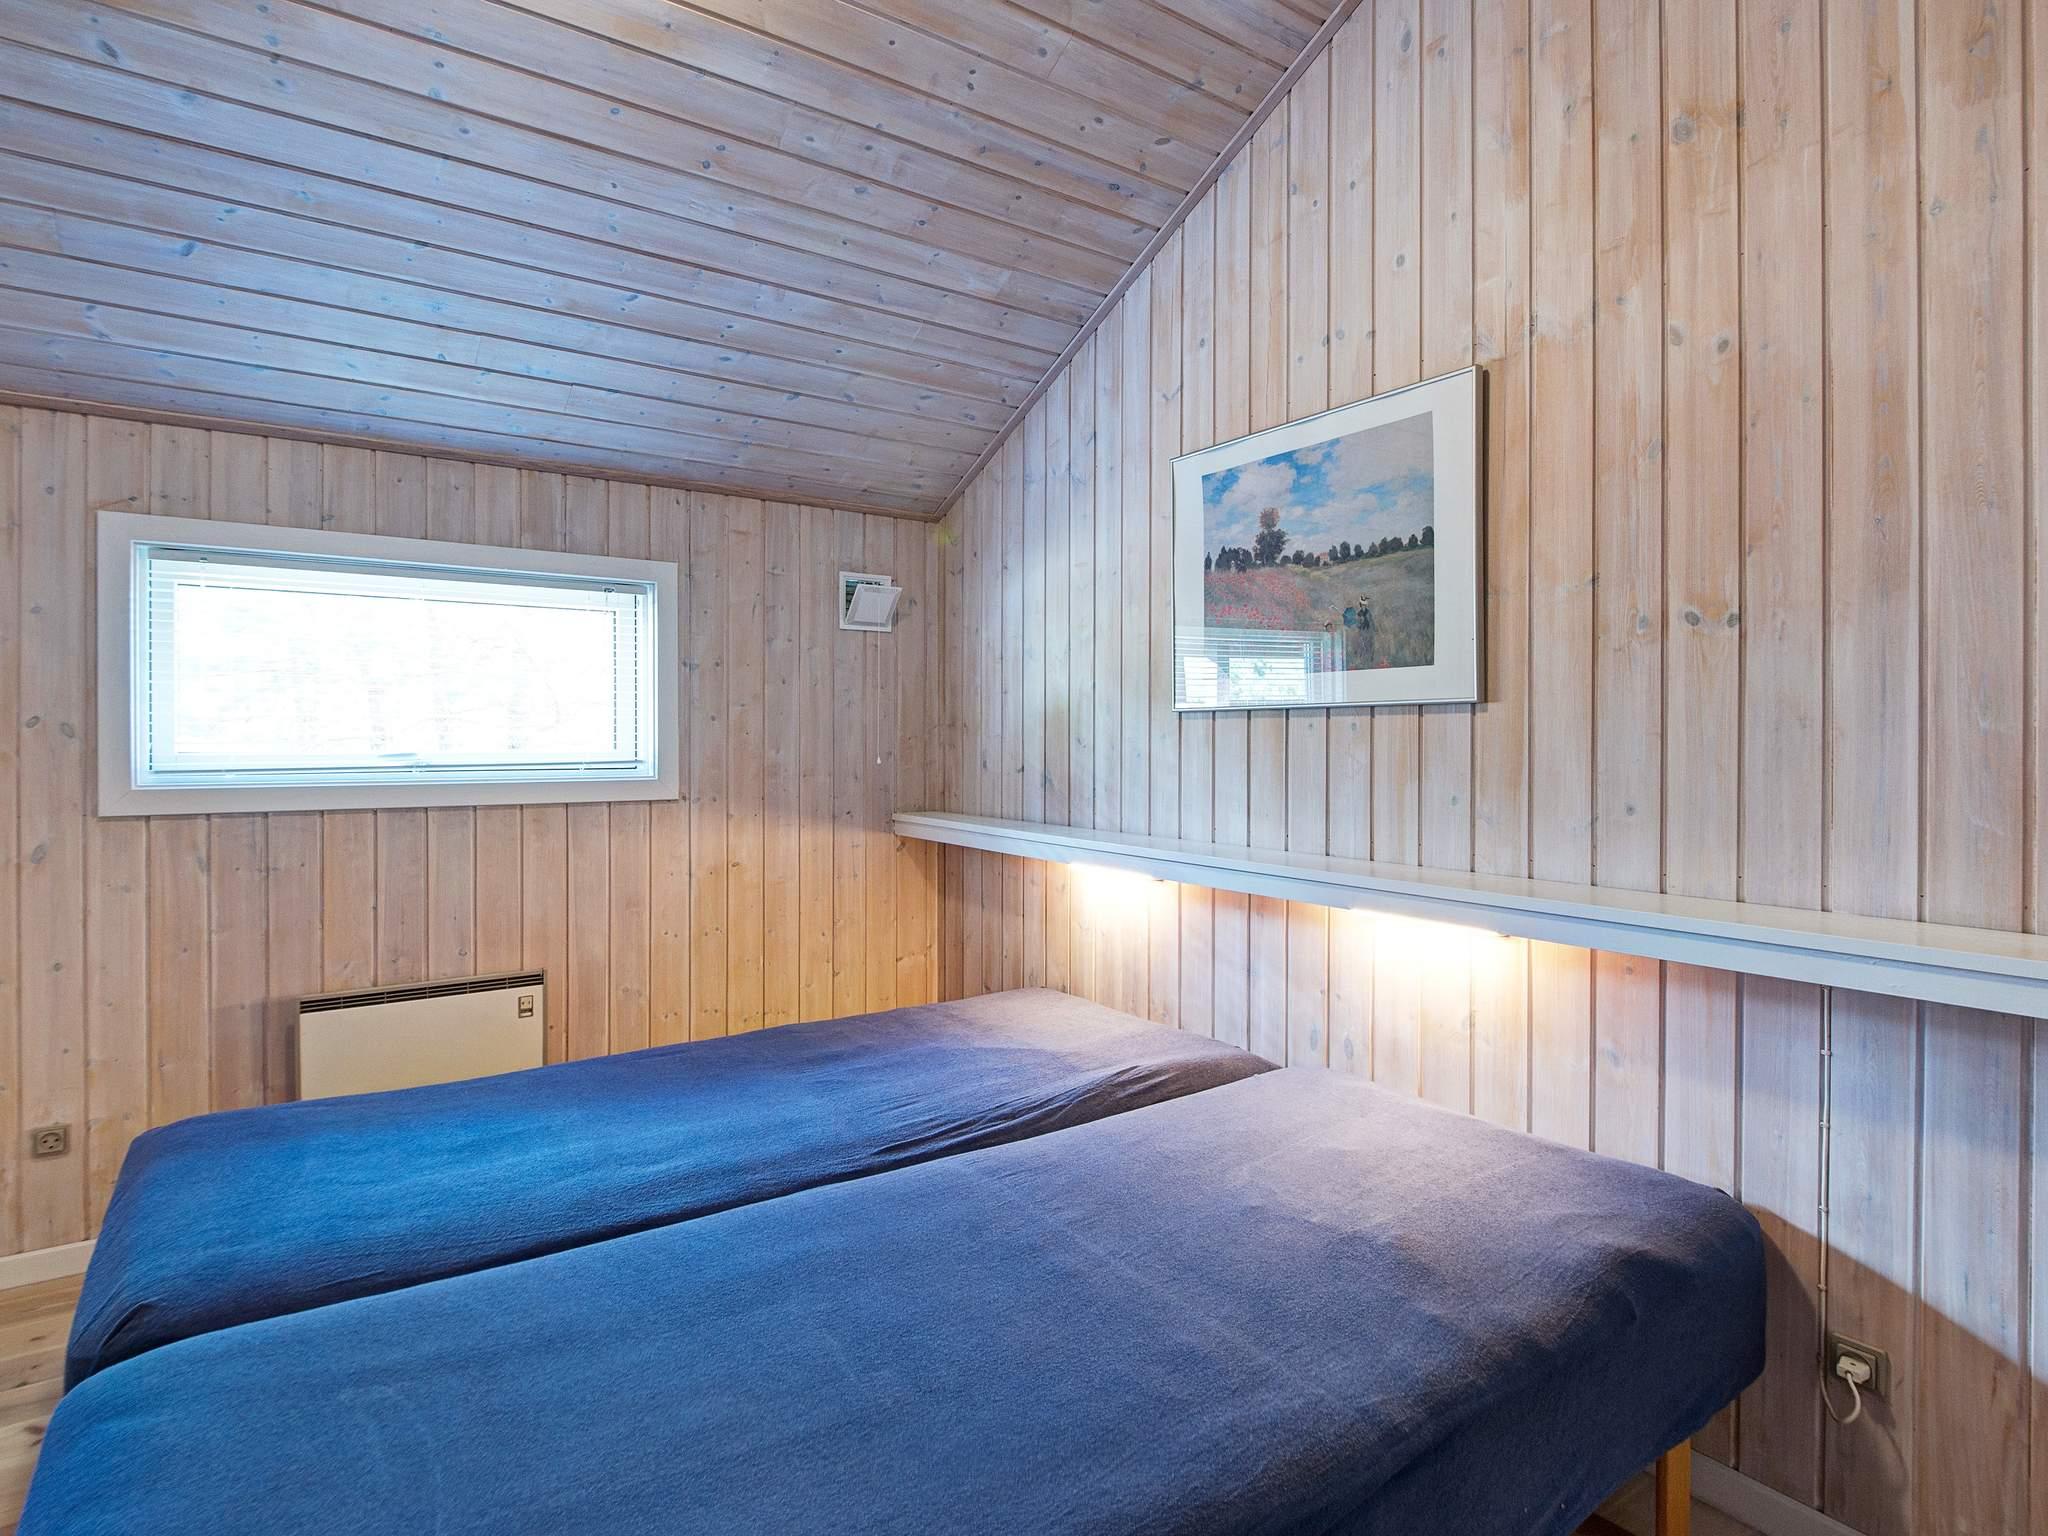 Ferienhaus Snogebæk (82567), Snogebæk, , Bornholm, Dänemark, Bild 9